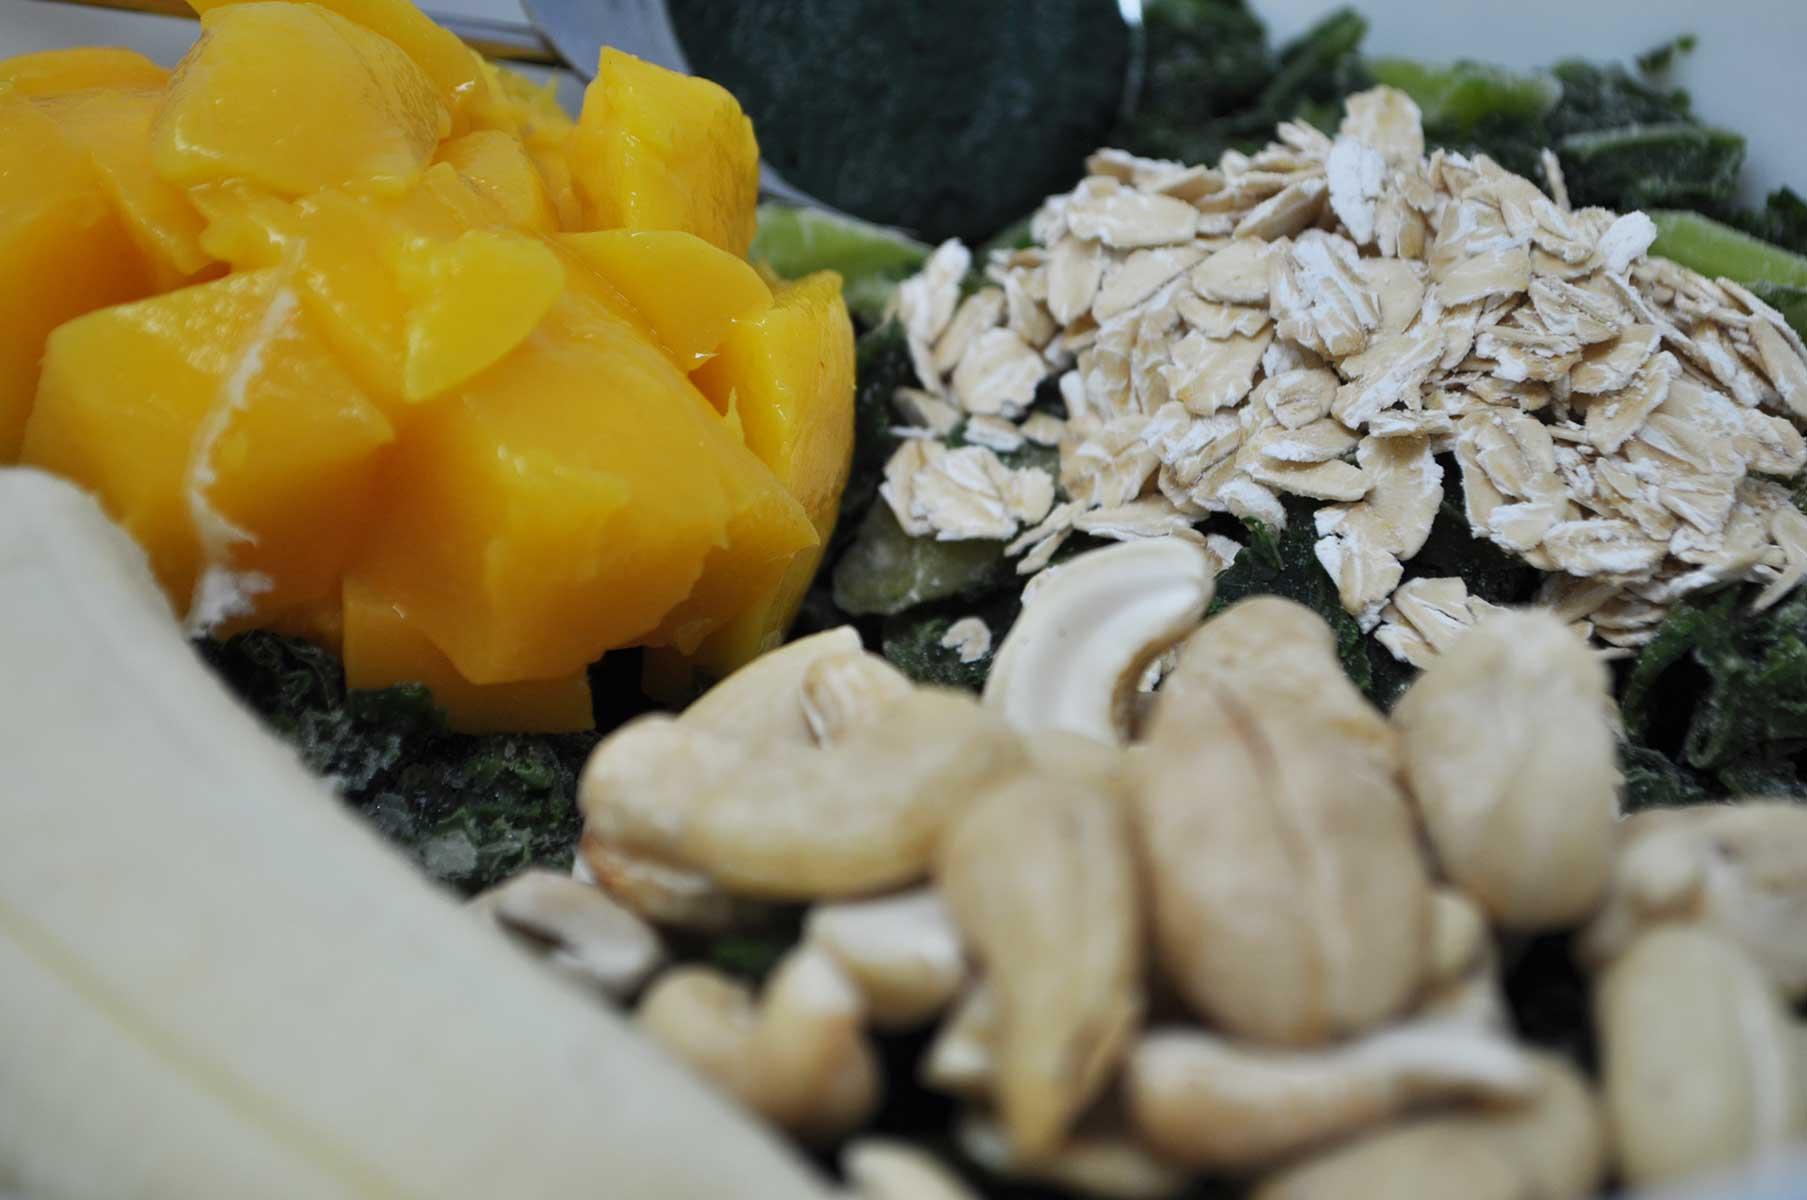 Image of chopped mango, kale, cashews, oats, and spirulina